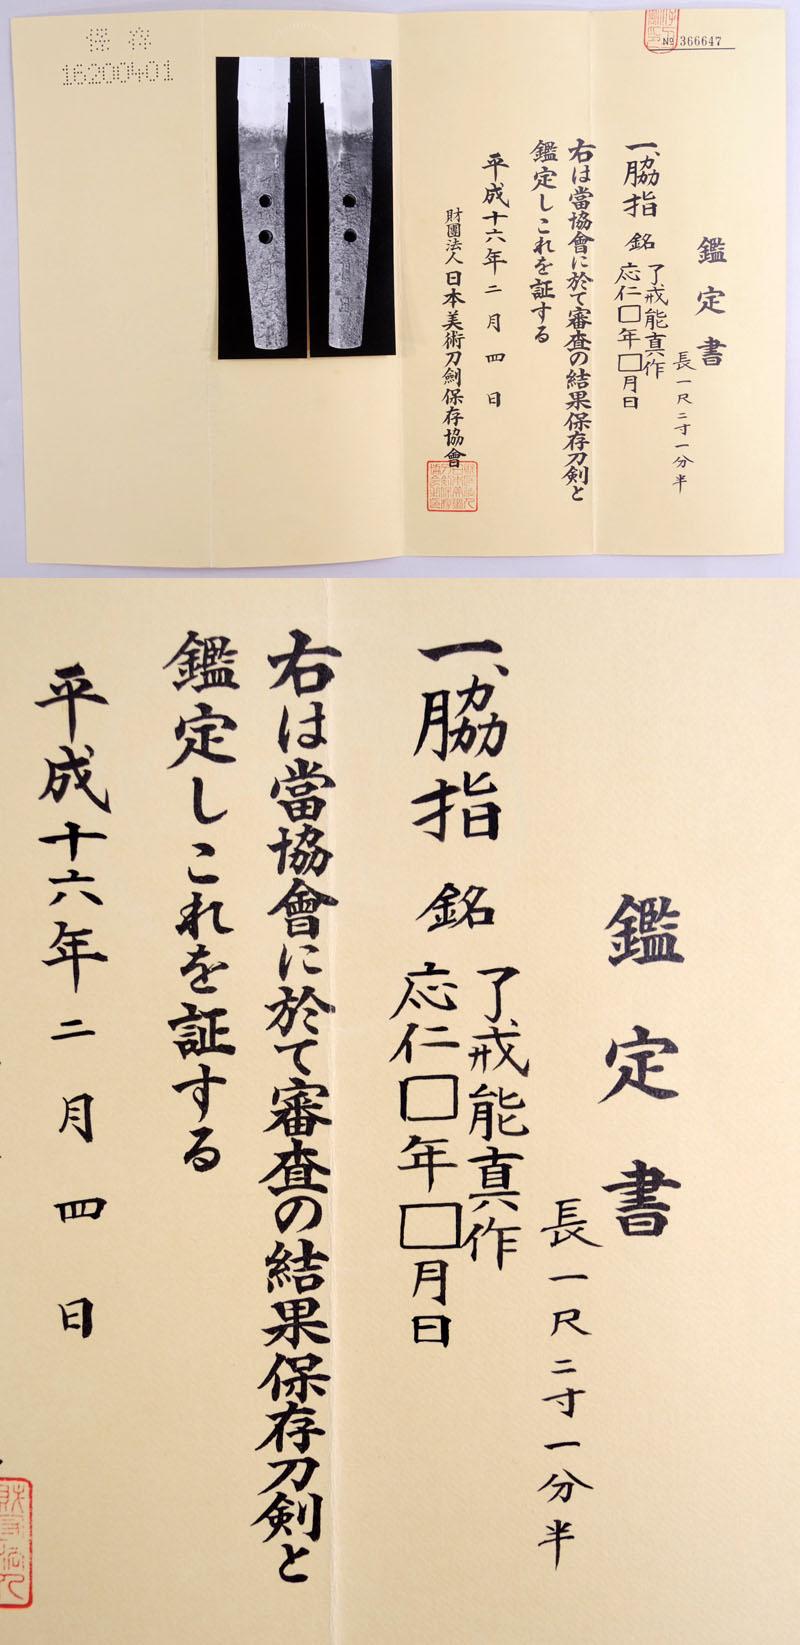 了戒能真作(筑紫了戒) Picture of Certificate